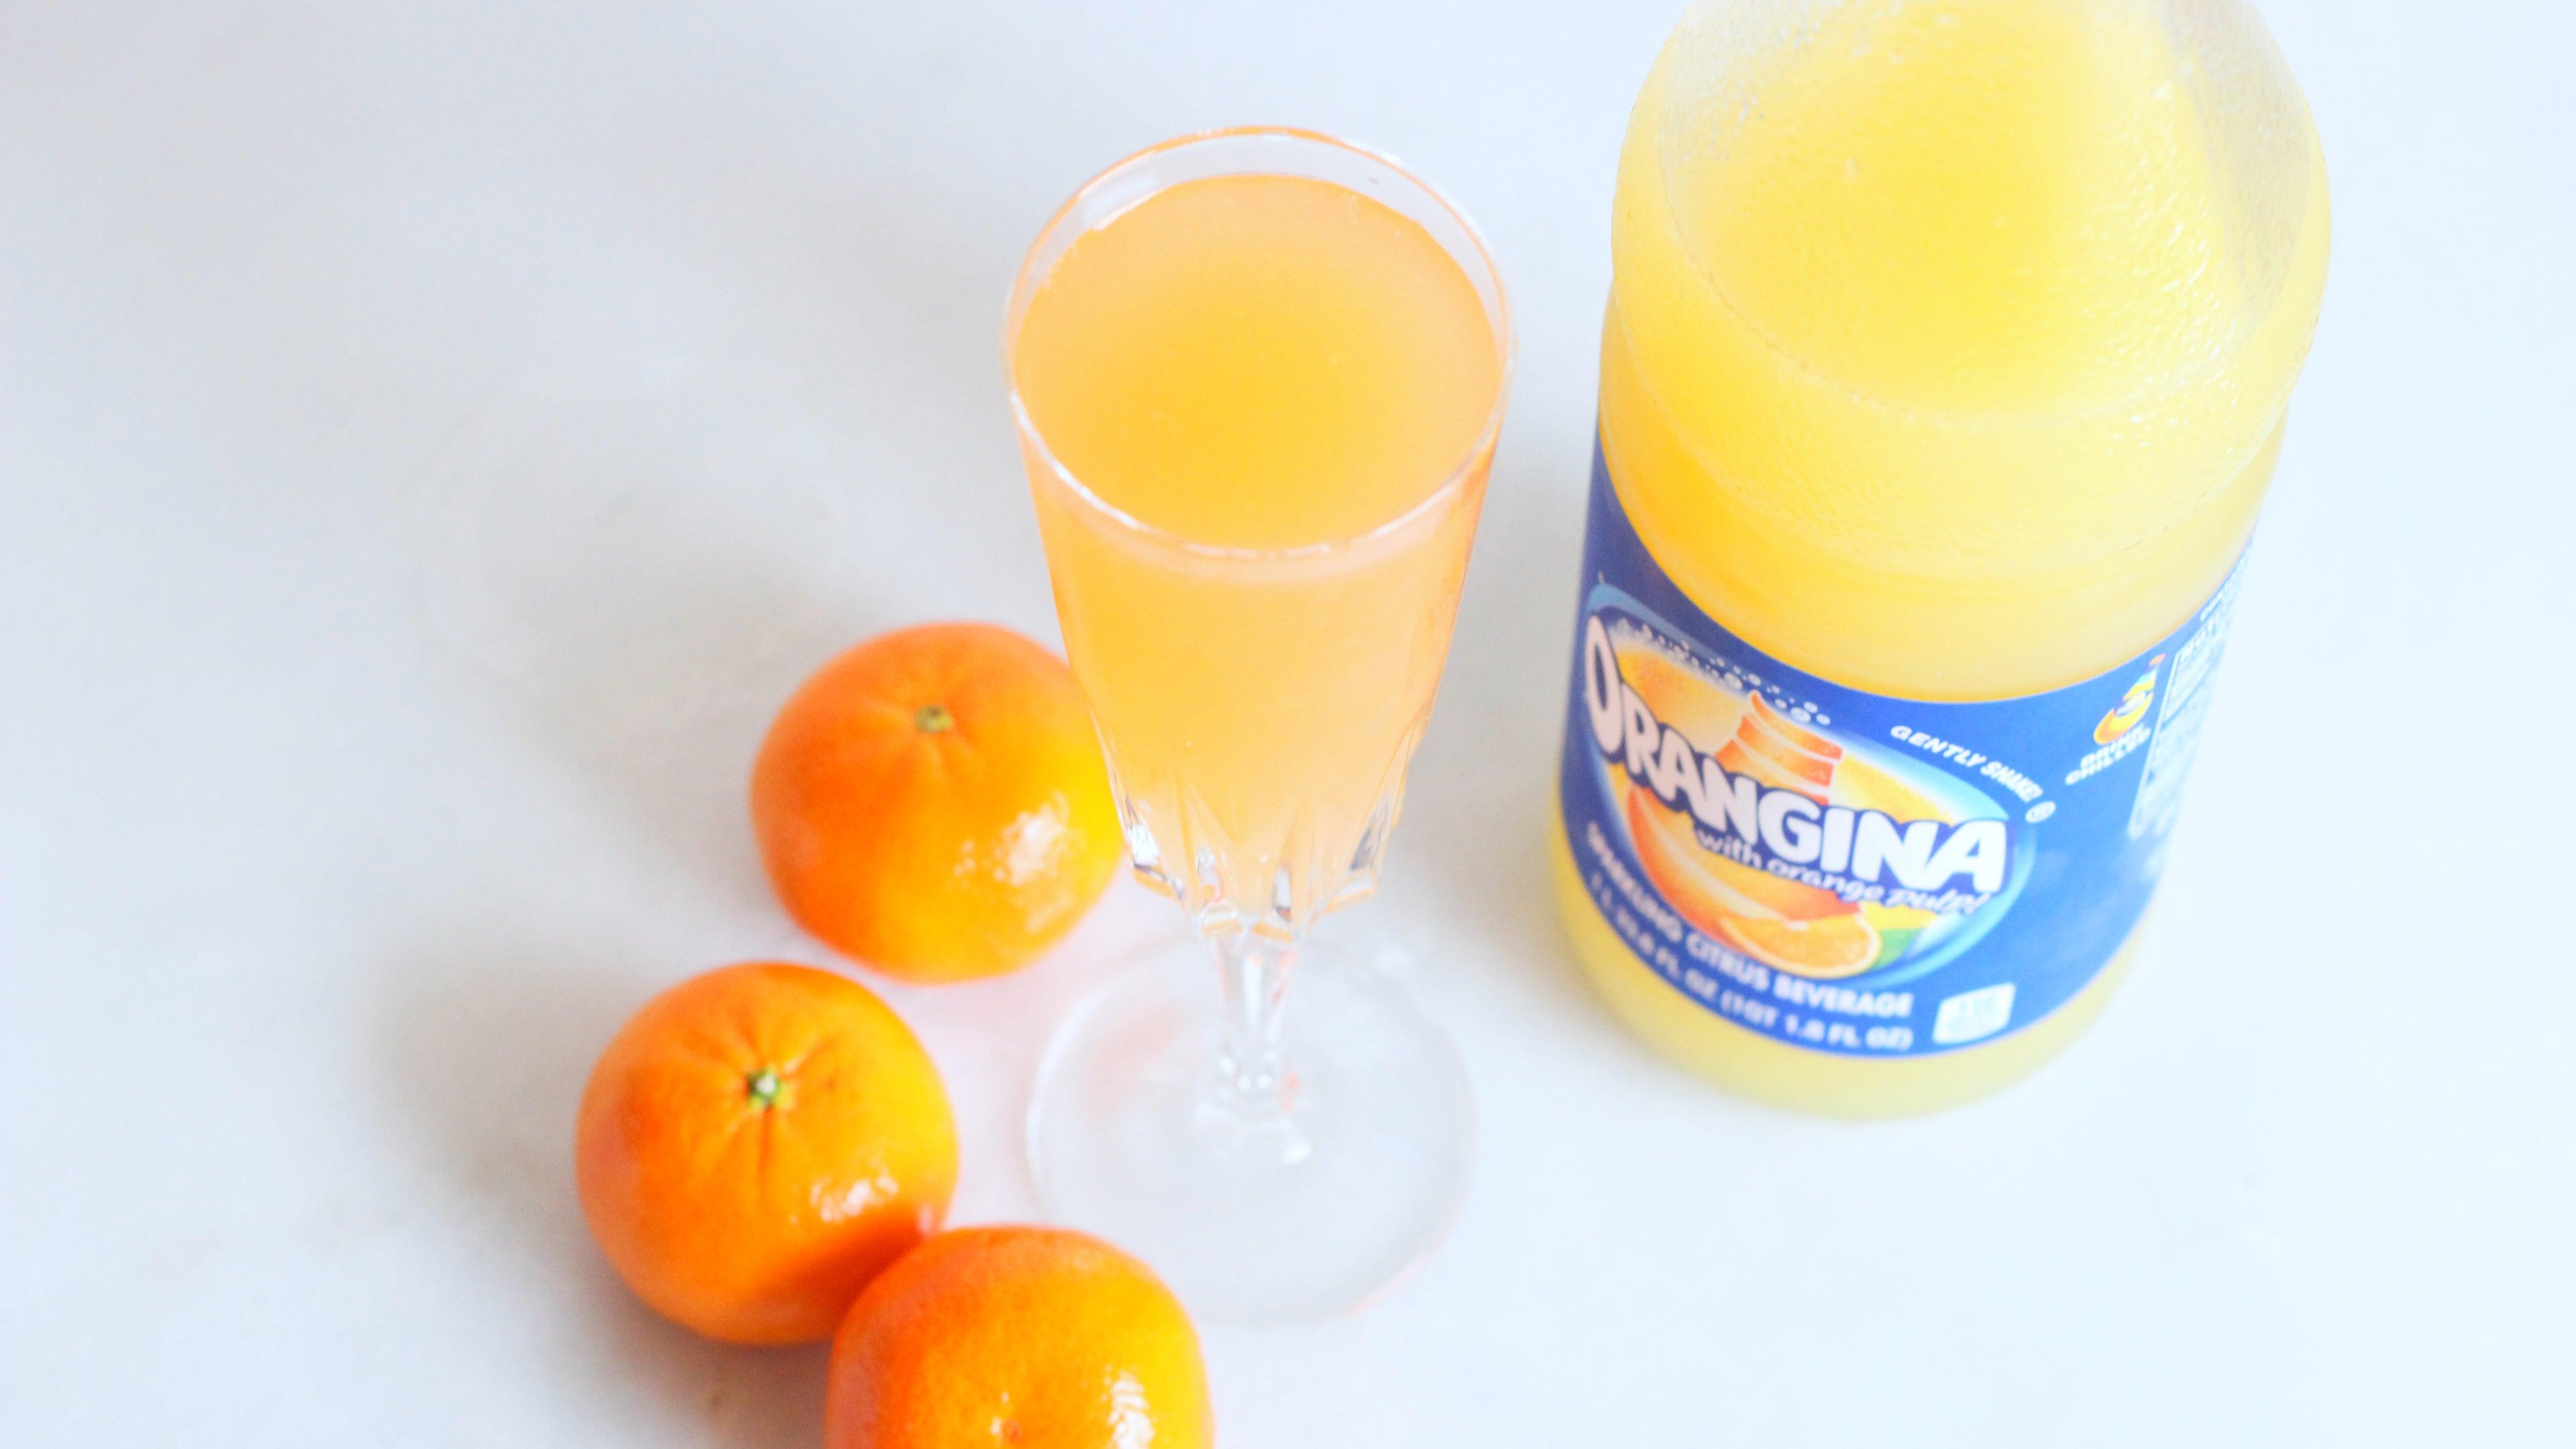 Get Sunny With An Orangina Cocktail